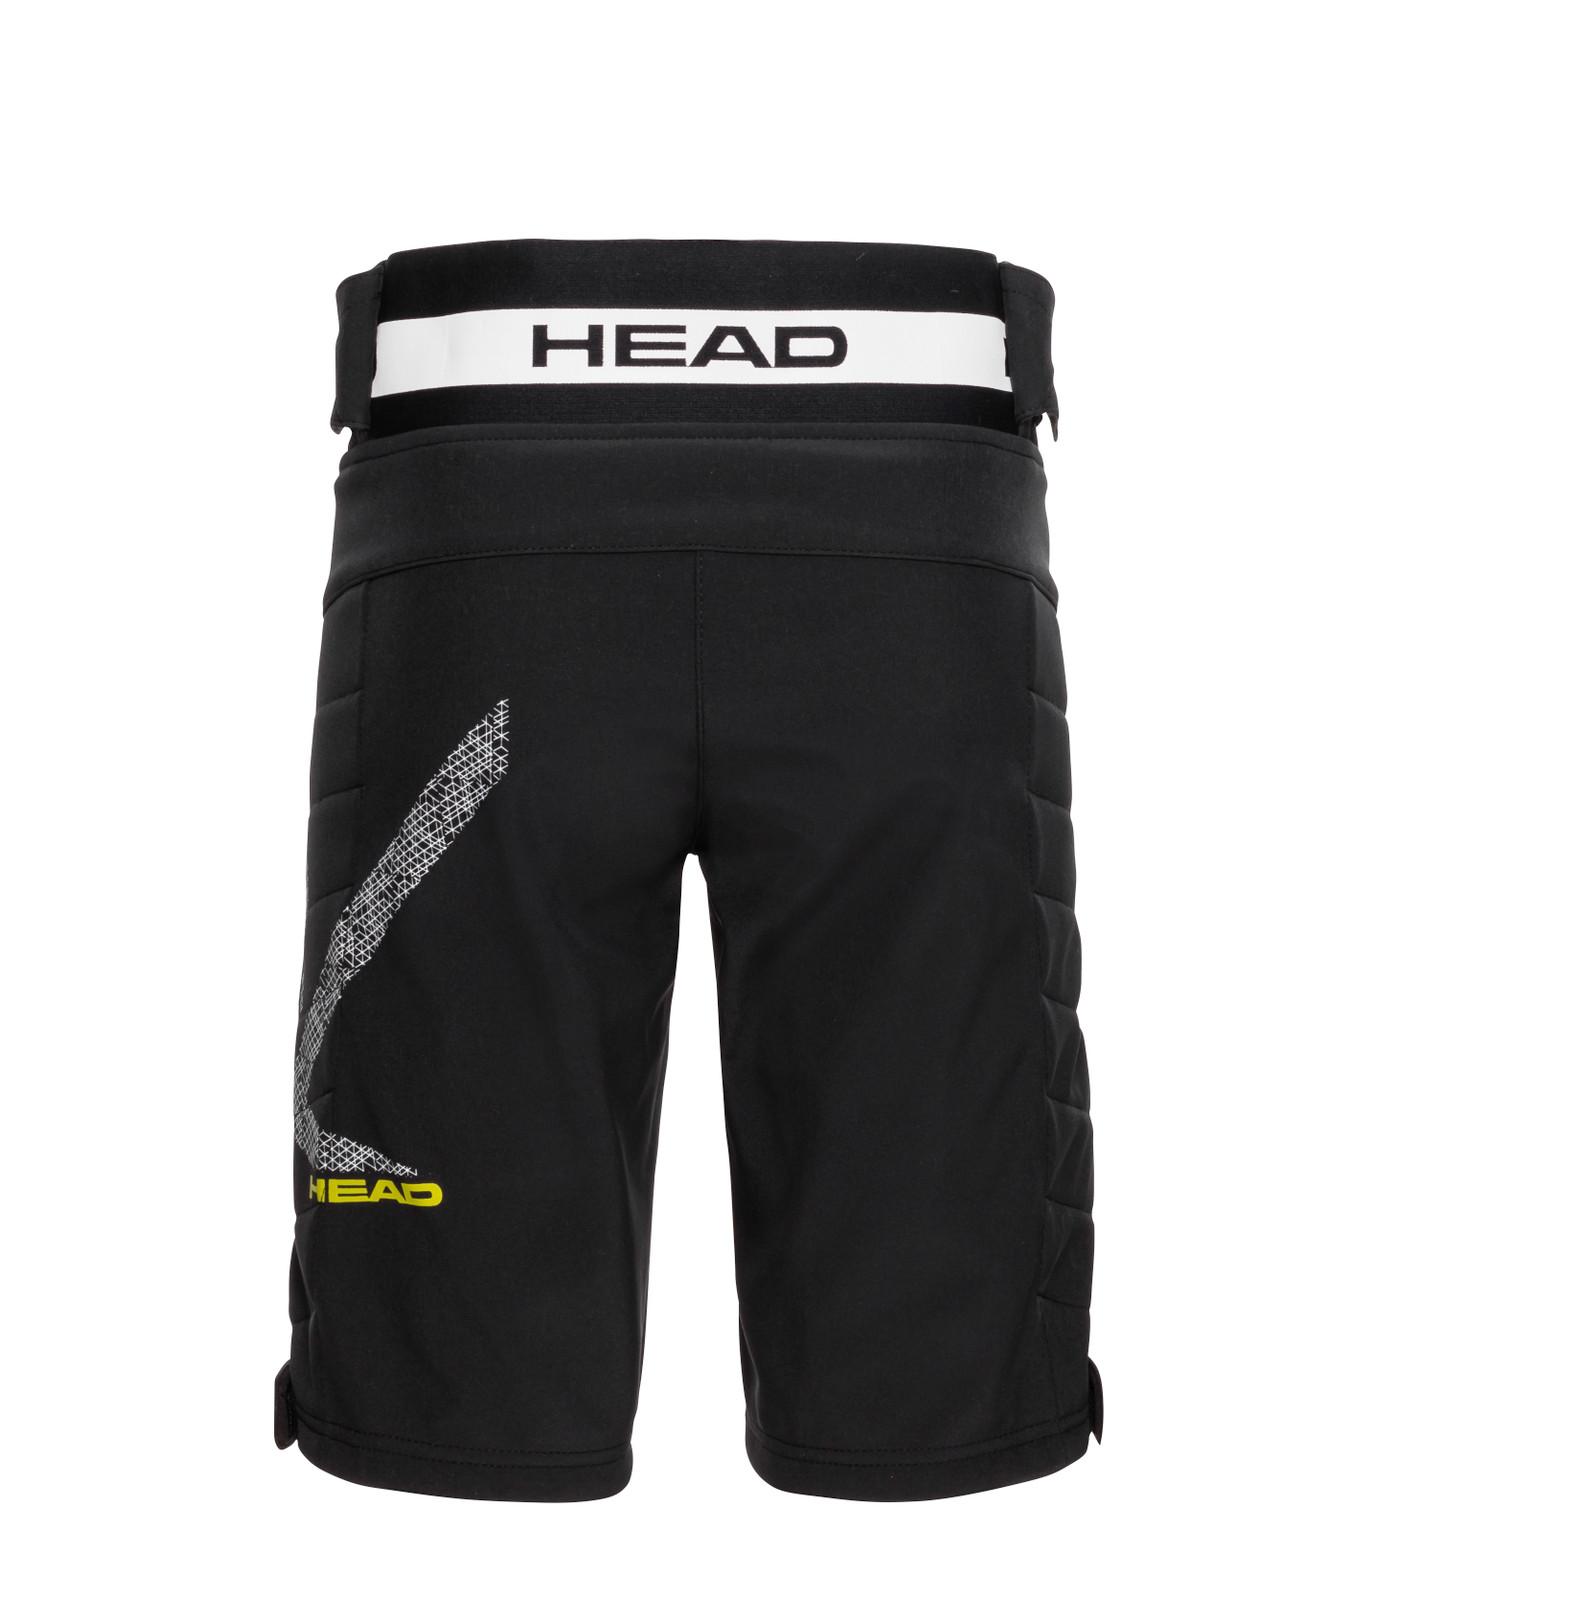 Head Rebels JUNIOR Race Shorts 20/21